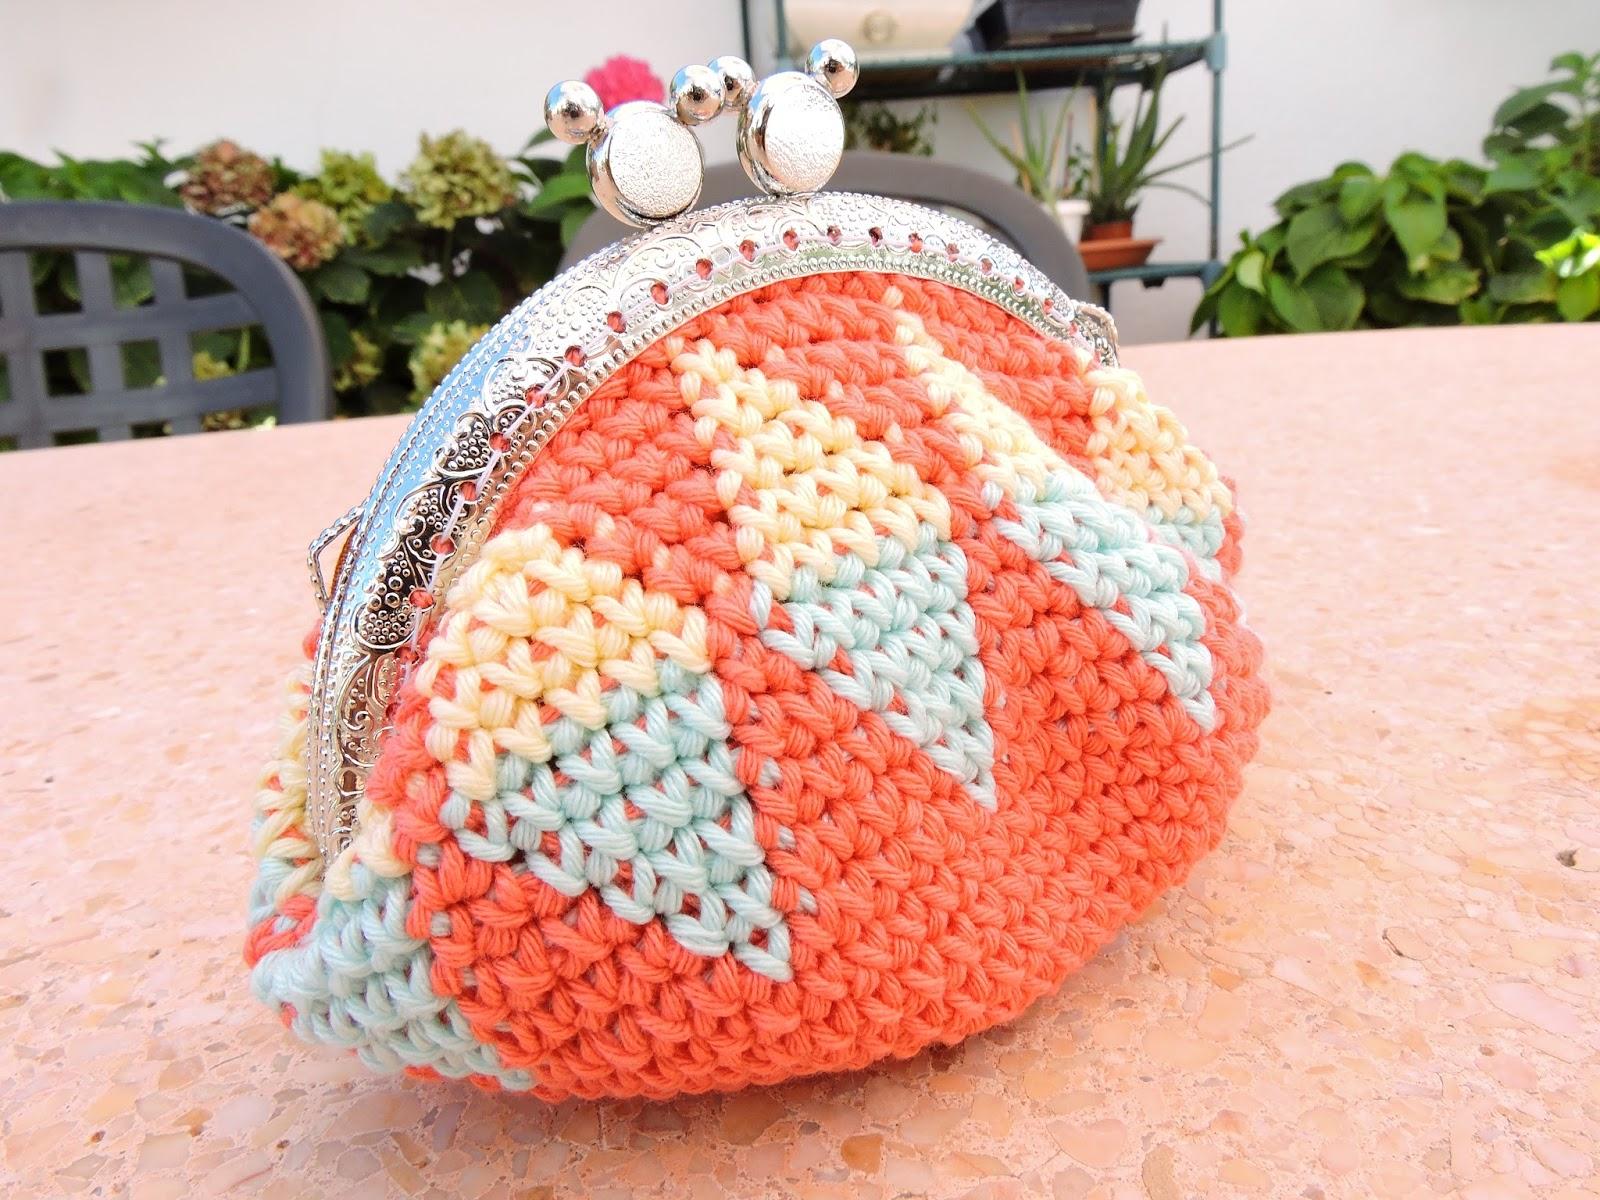 Como tejer monedero a crochet paso a paso con v deo - Manualidades a crochet paso a paso ...